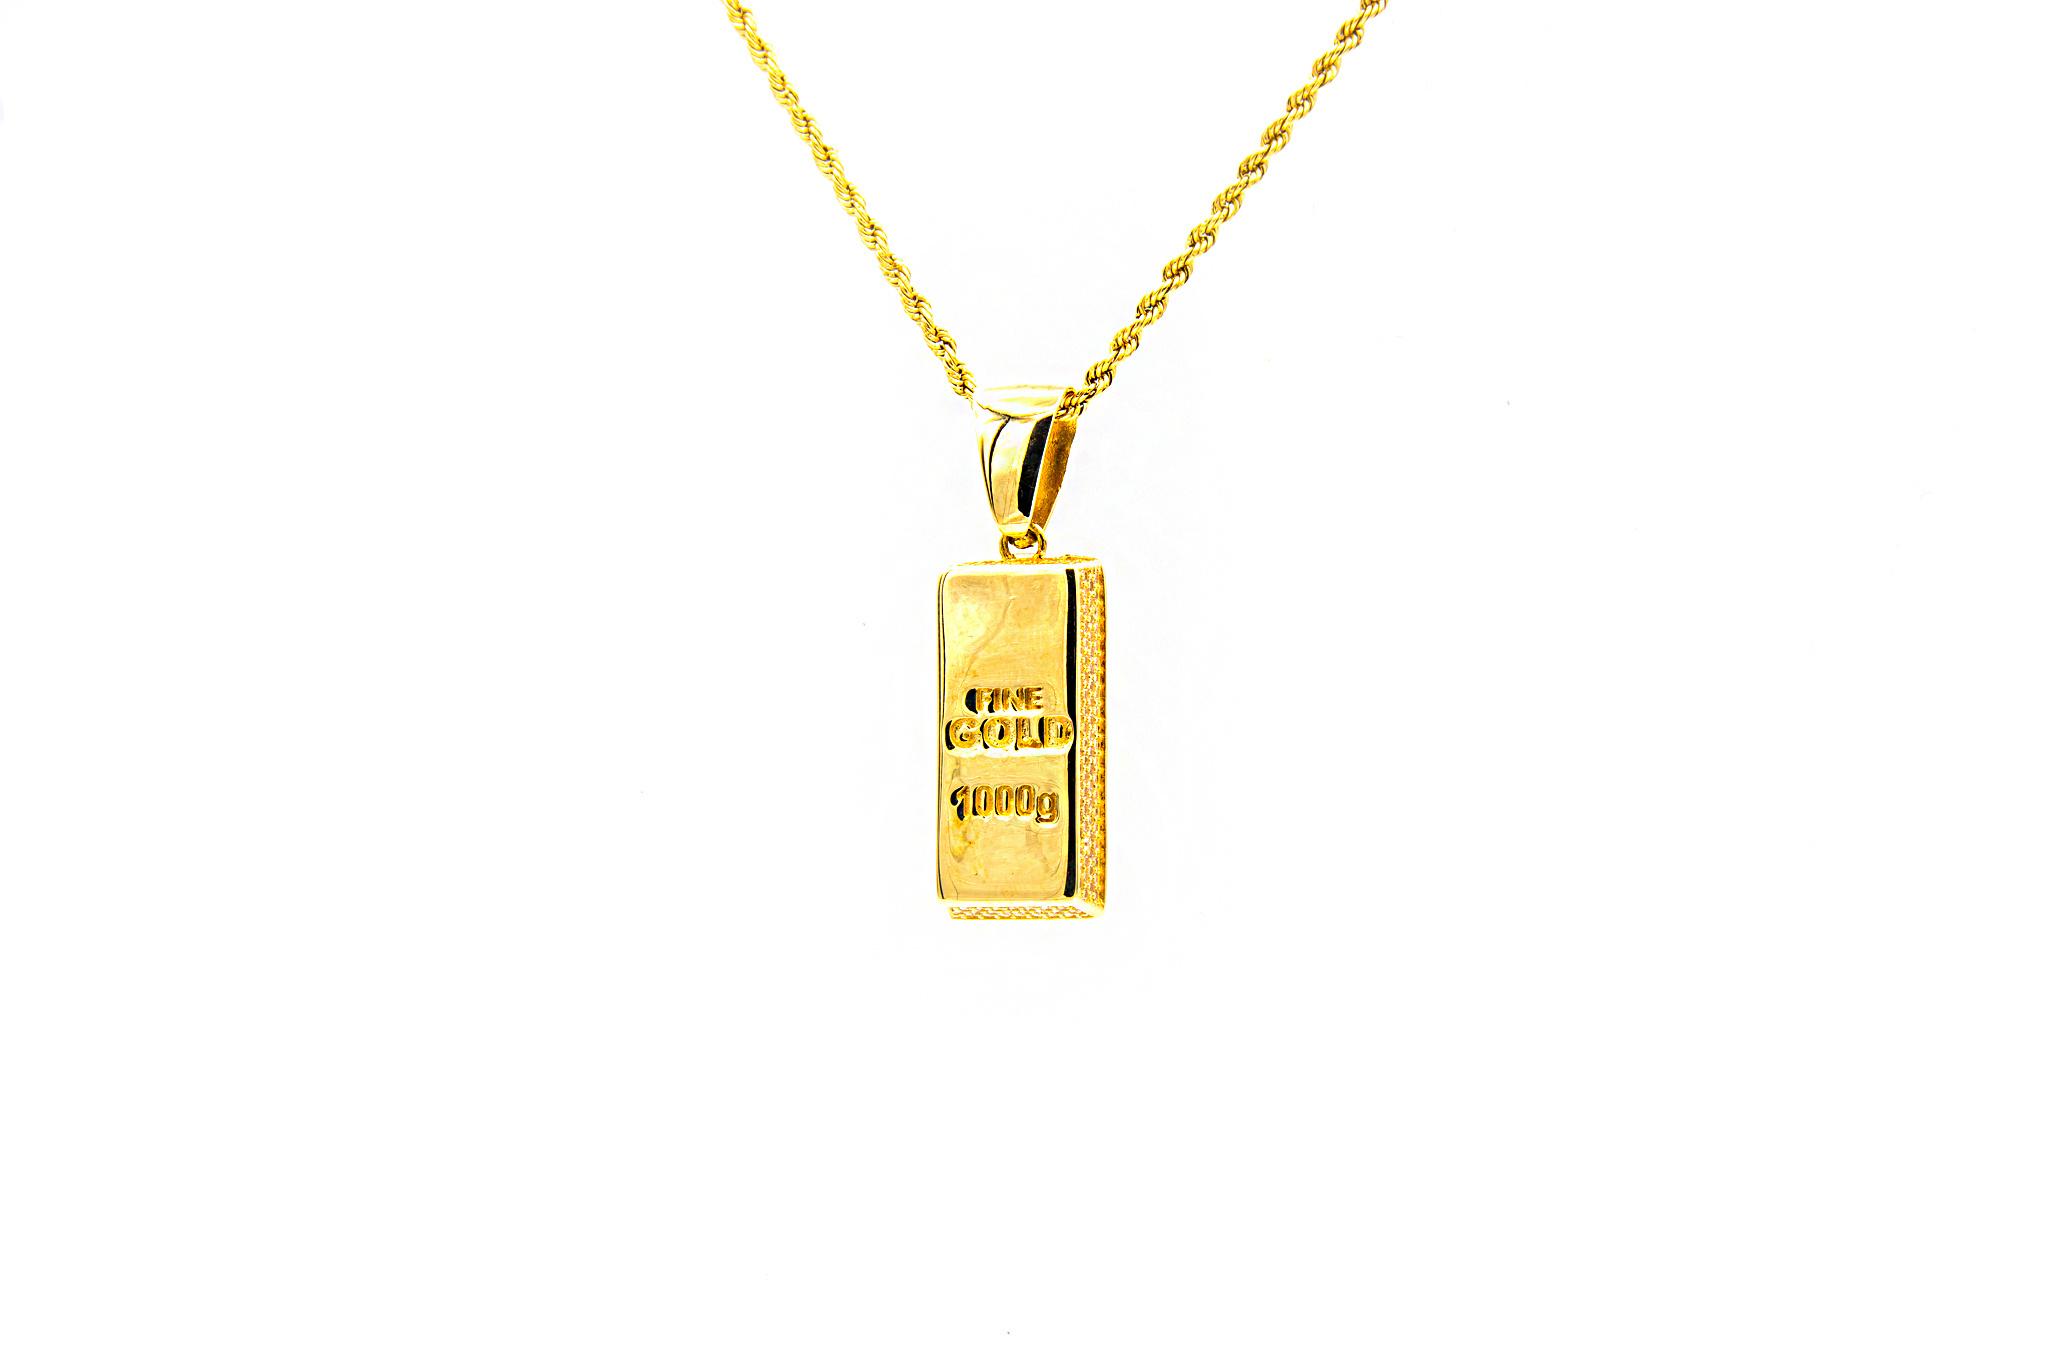 Hanger goudbaar met zirkonia's-1